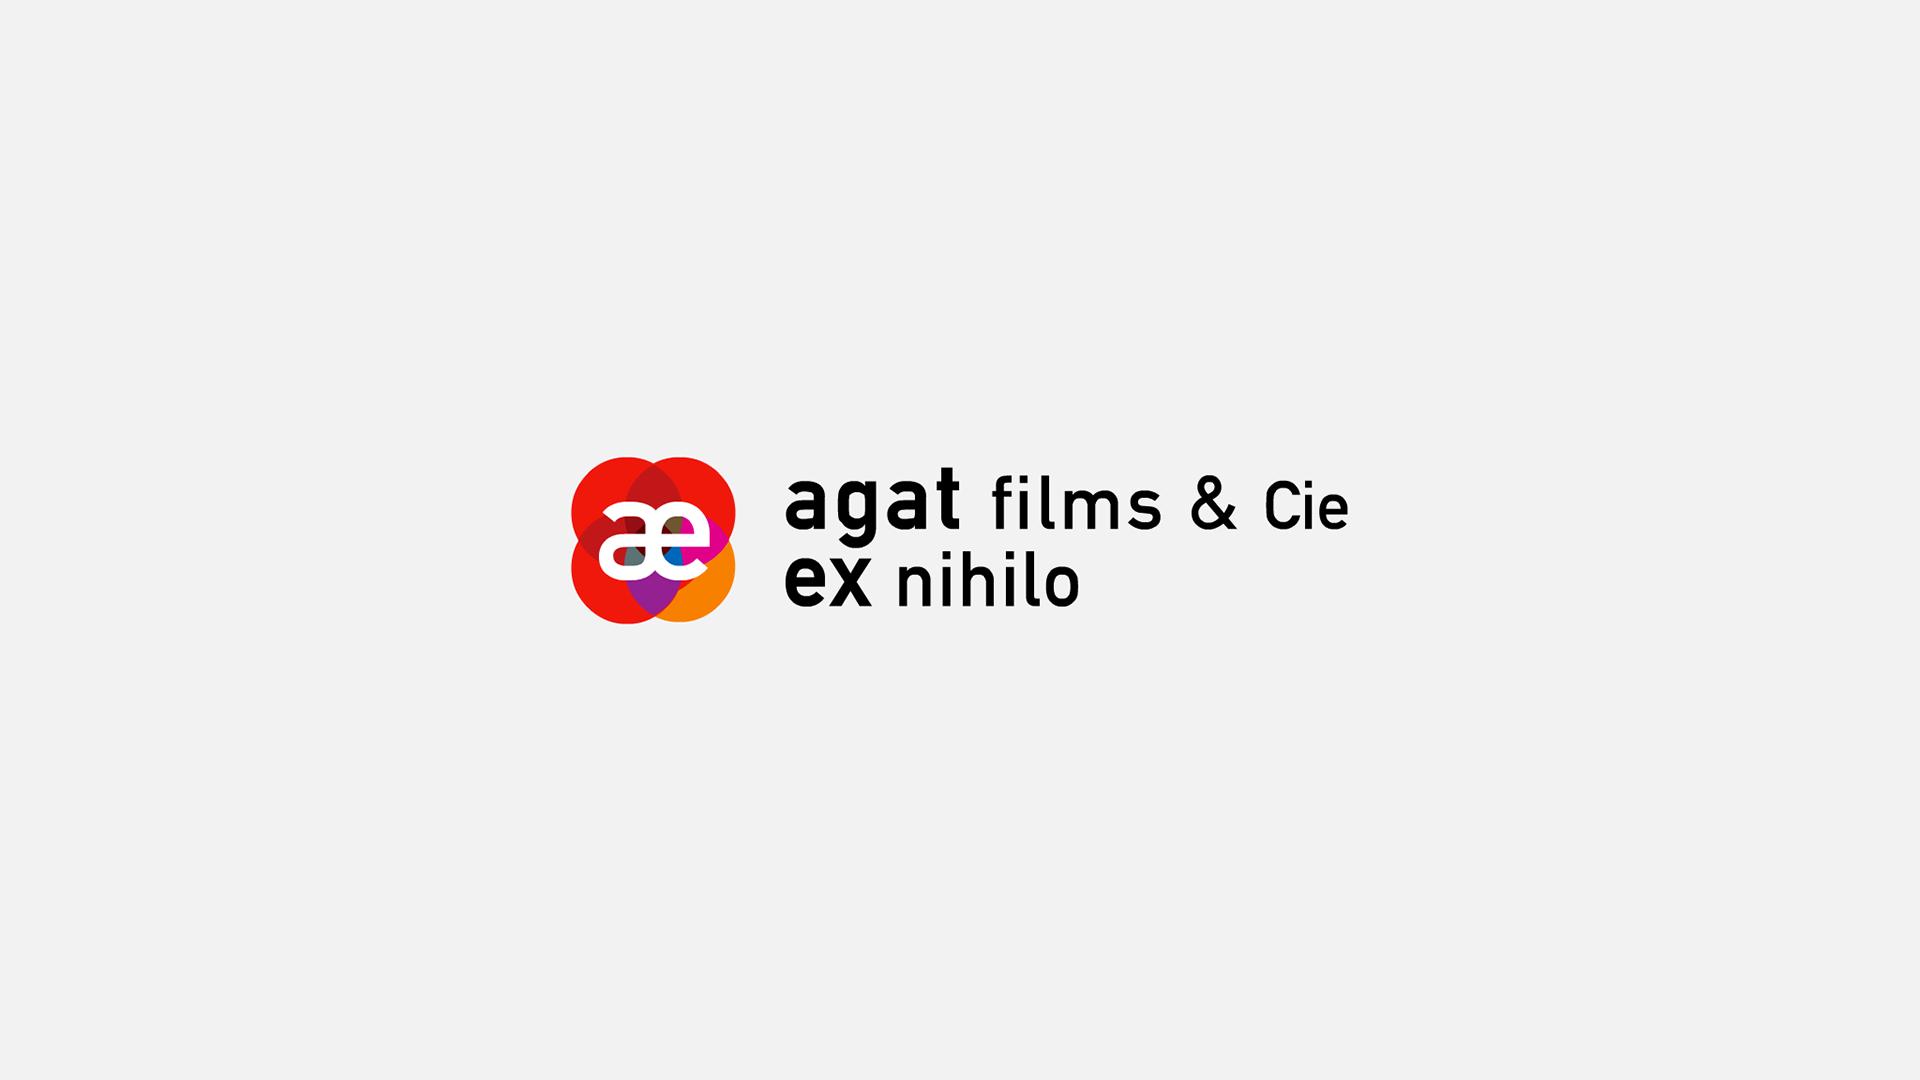 AGAT Films